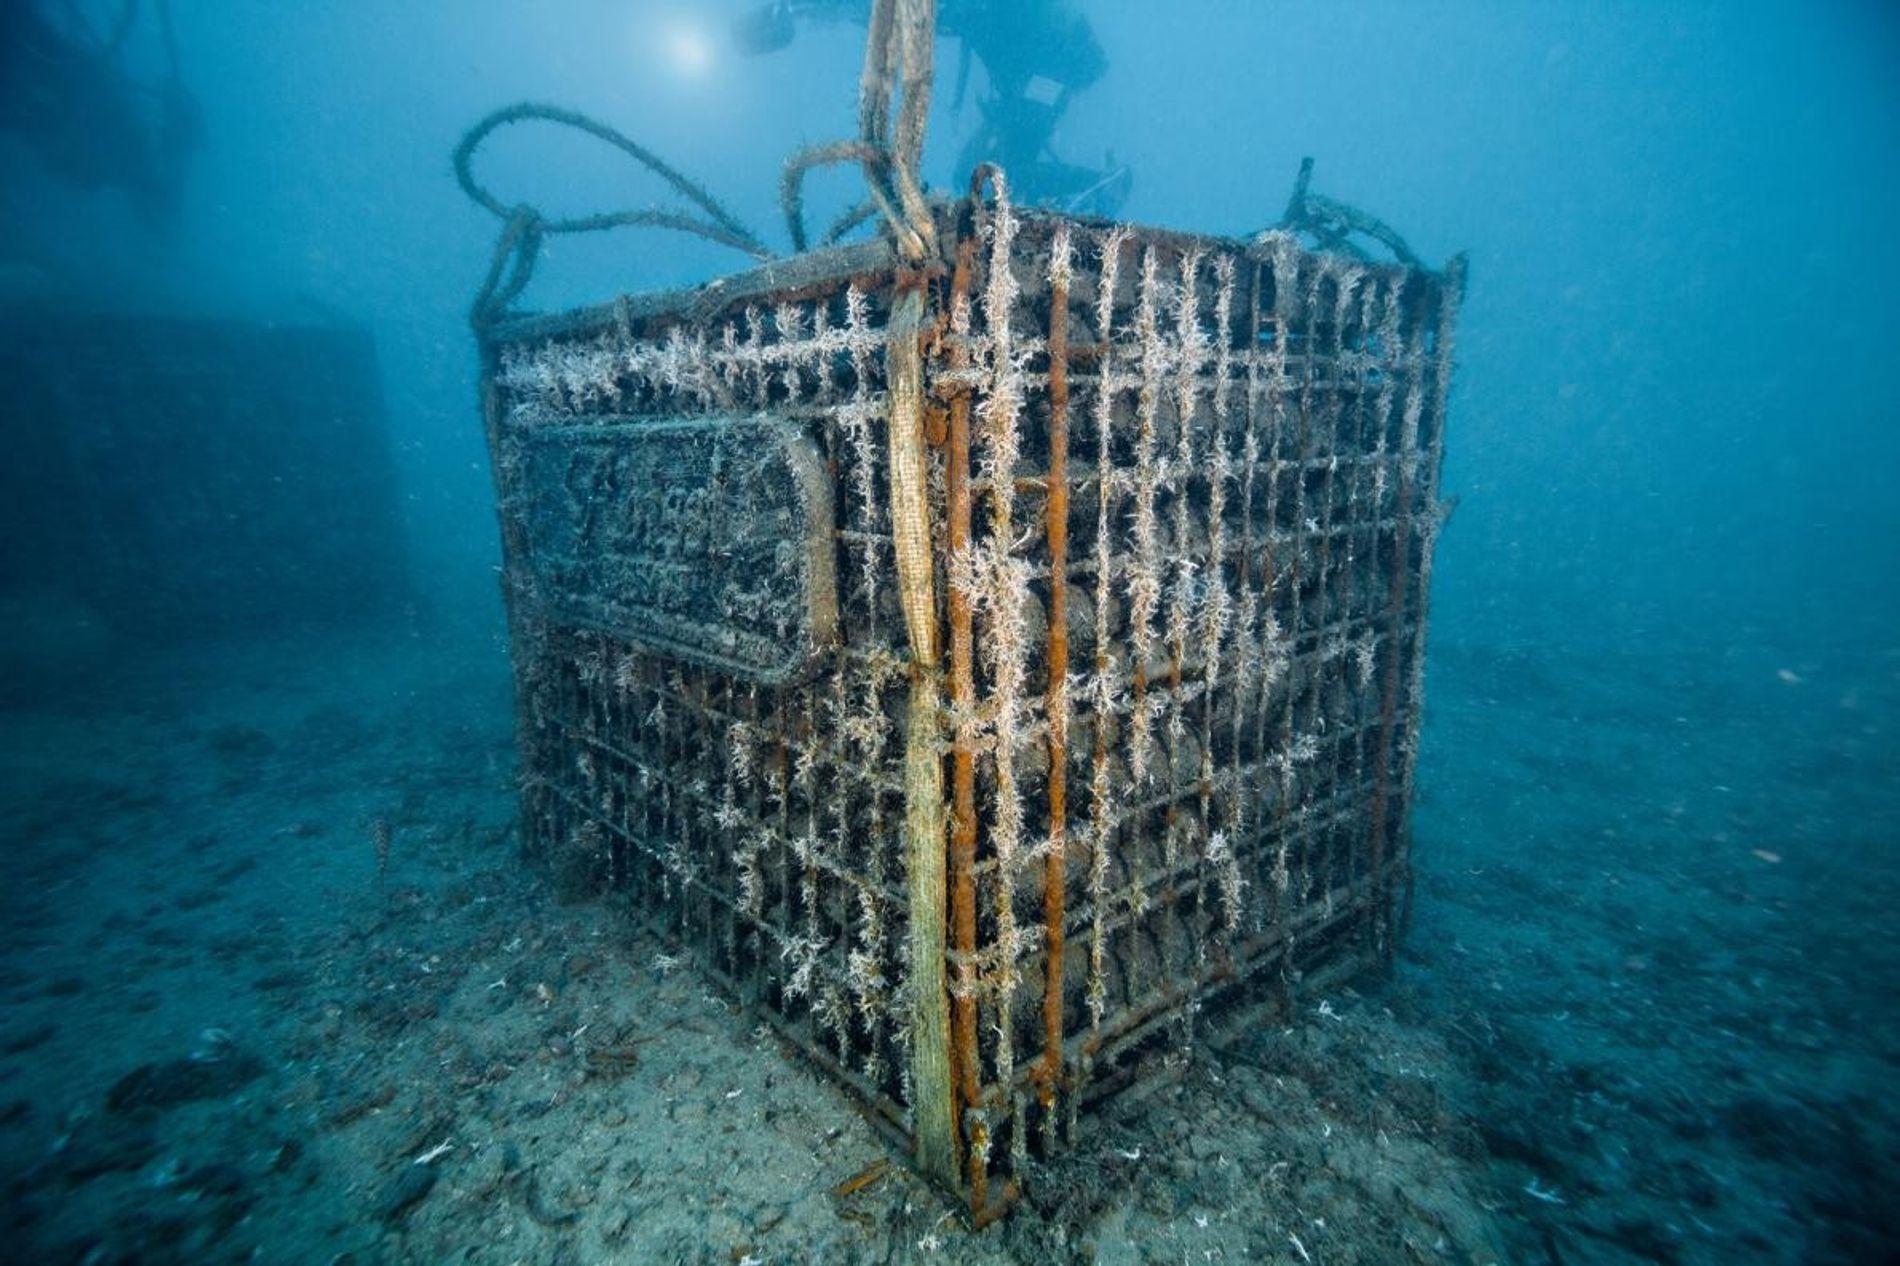 Les cages de vin mousseux du fabricant italien Bisson sont conservées en Méditerranée pendant 18 mois, ...